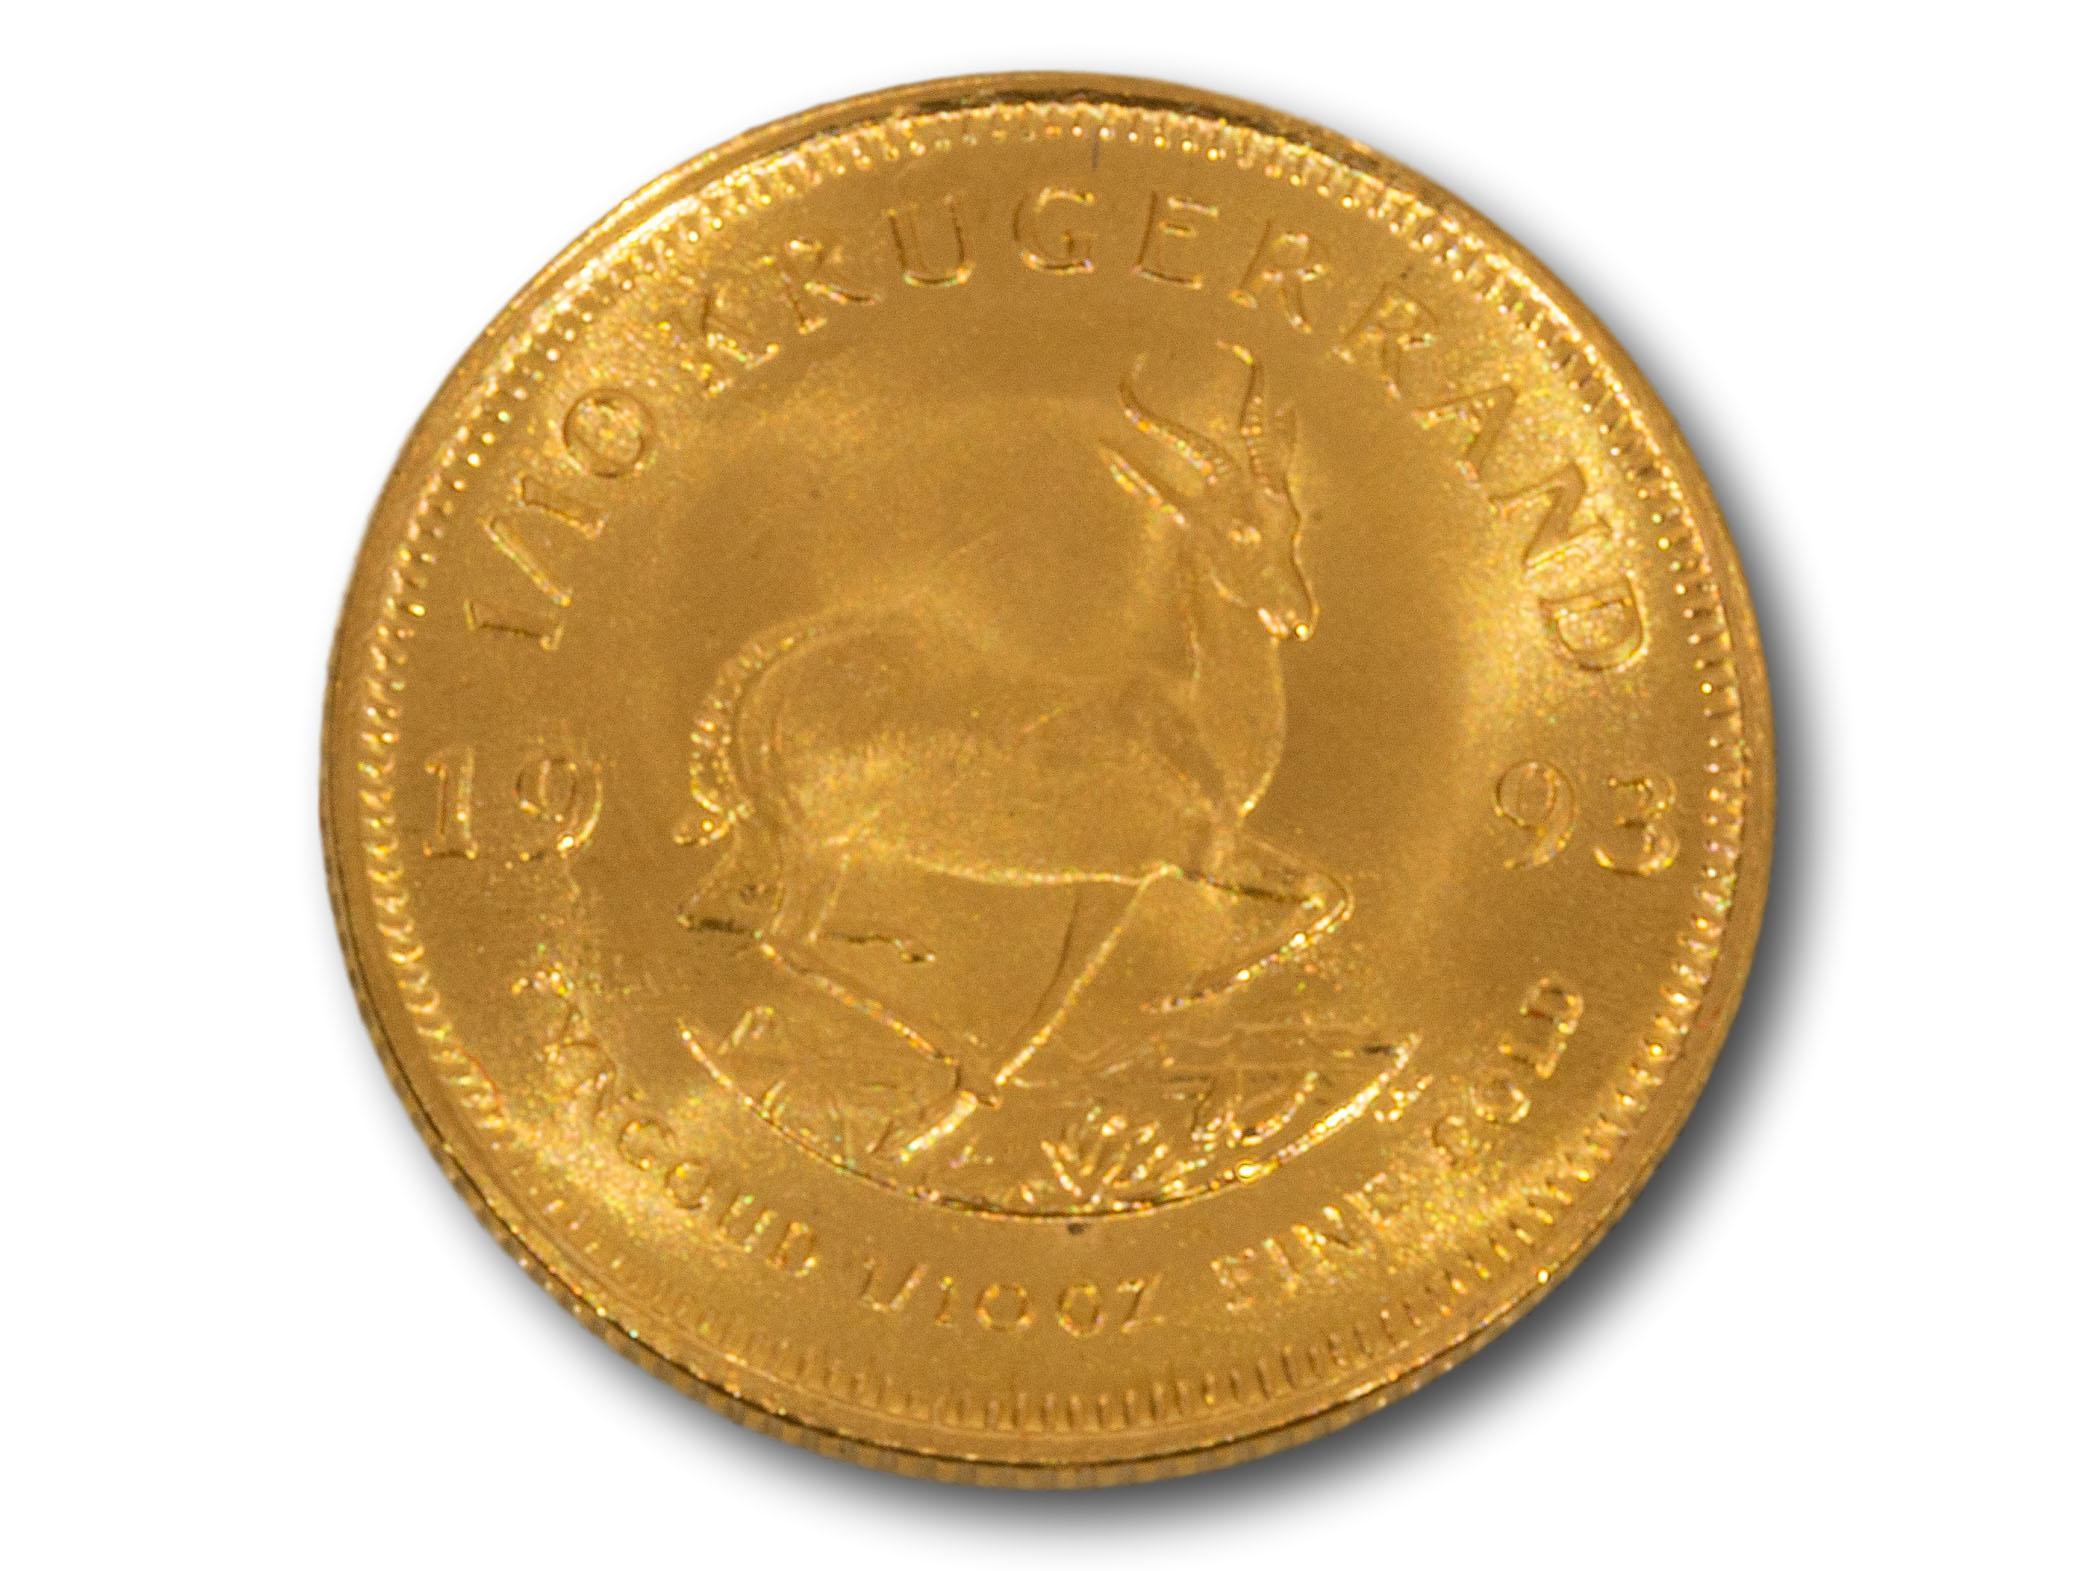 A 1993 1/10 Kruger Rand